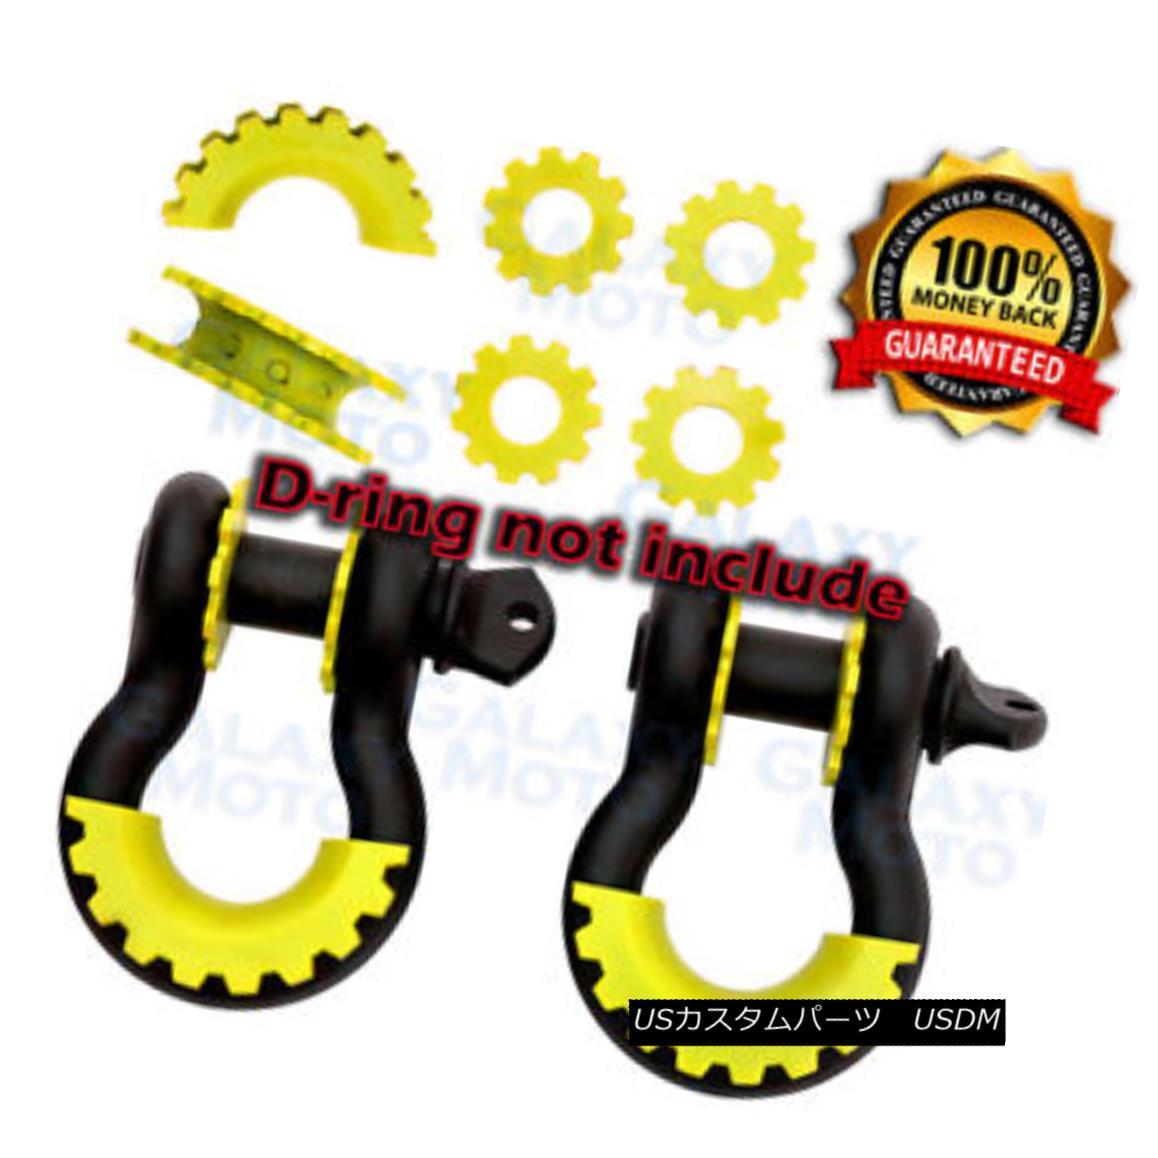 グリル Yellow D-Ring Shackle Isolator & Washers 6pcs Set Rattling Protection Cover Kits 黄色のDリングシャックルアイソレータ& ワッシャー6個セット防護カバーキット